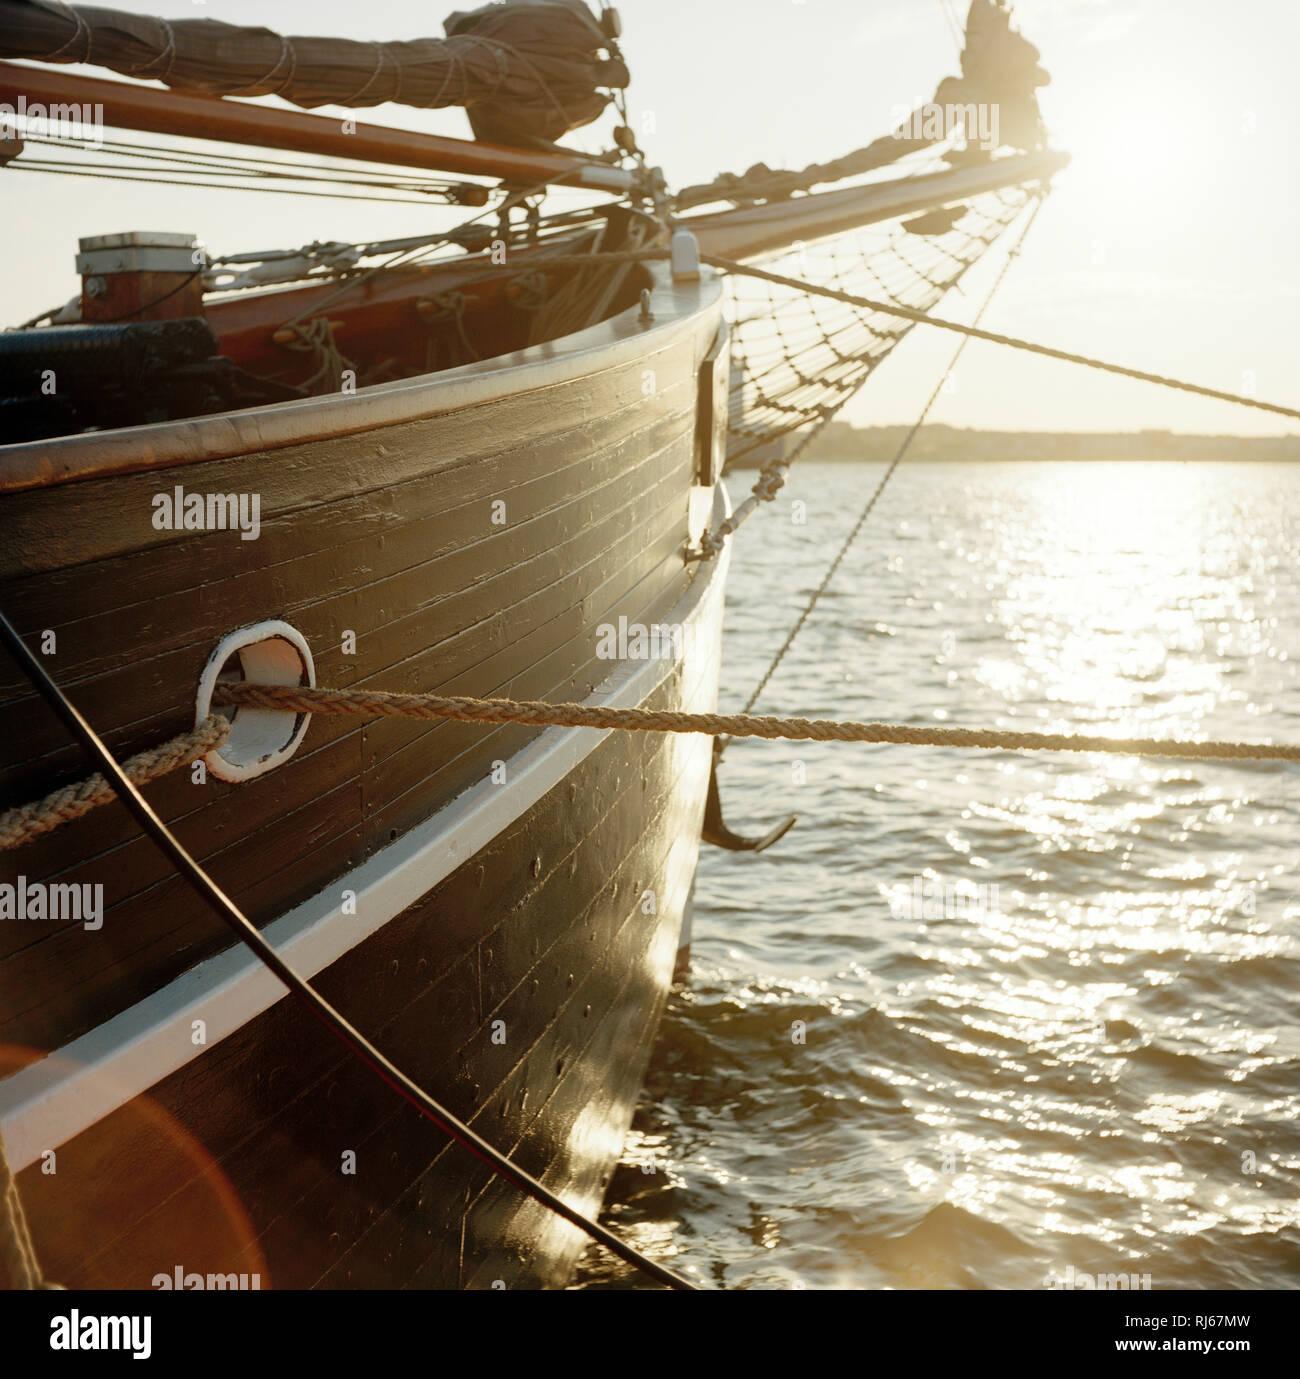 Europa, Deutschland, Wismar, Altes Segelschiff bei Sonnenuntergang im Hafen - Stock Image